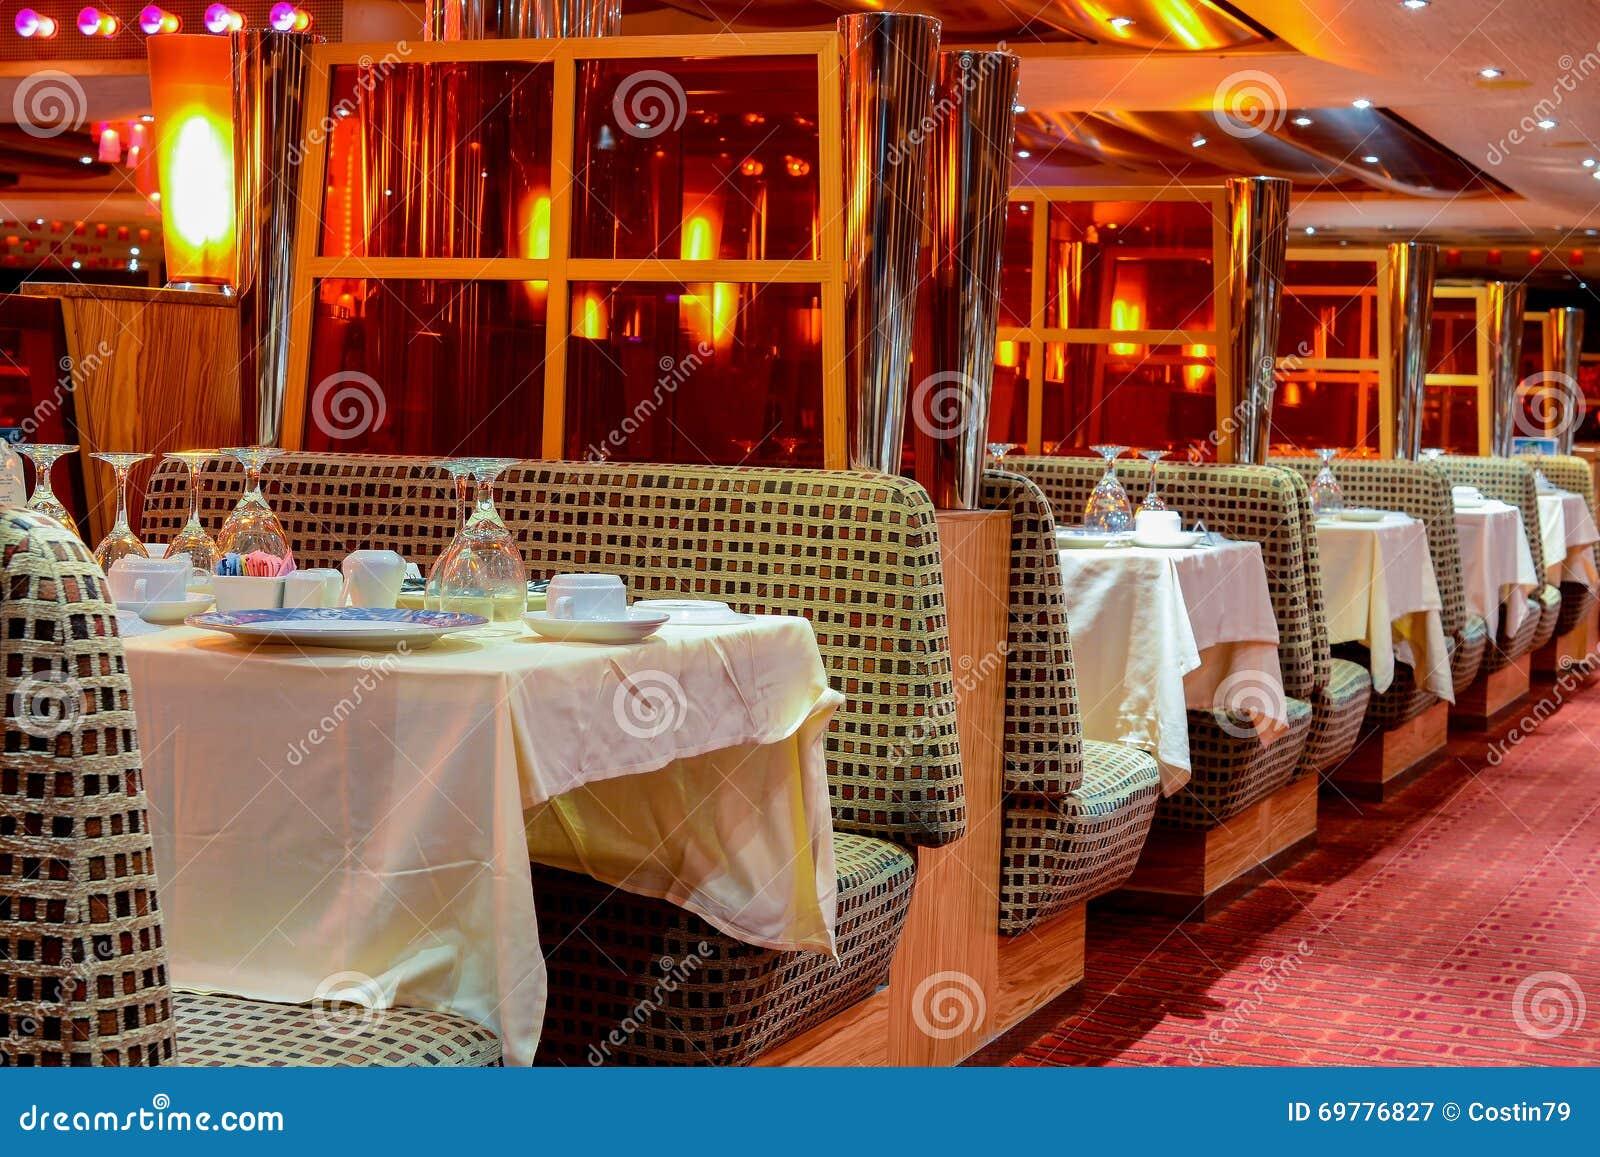 bateau de croisi re int rieur de restaurant image stock image du fond carnaval 69776827. Black Bedroom Furniture Sets. Home Design Ideas